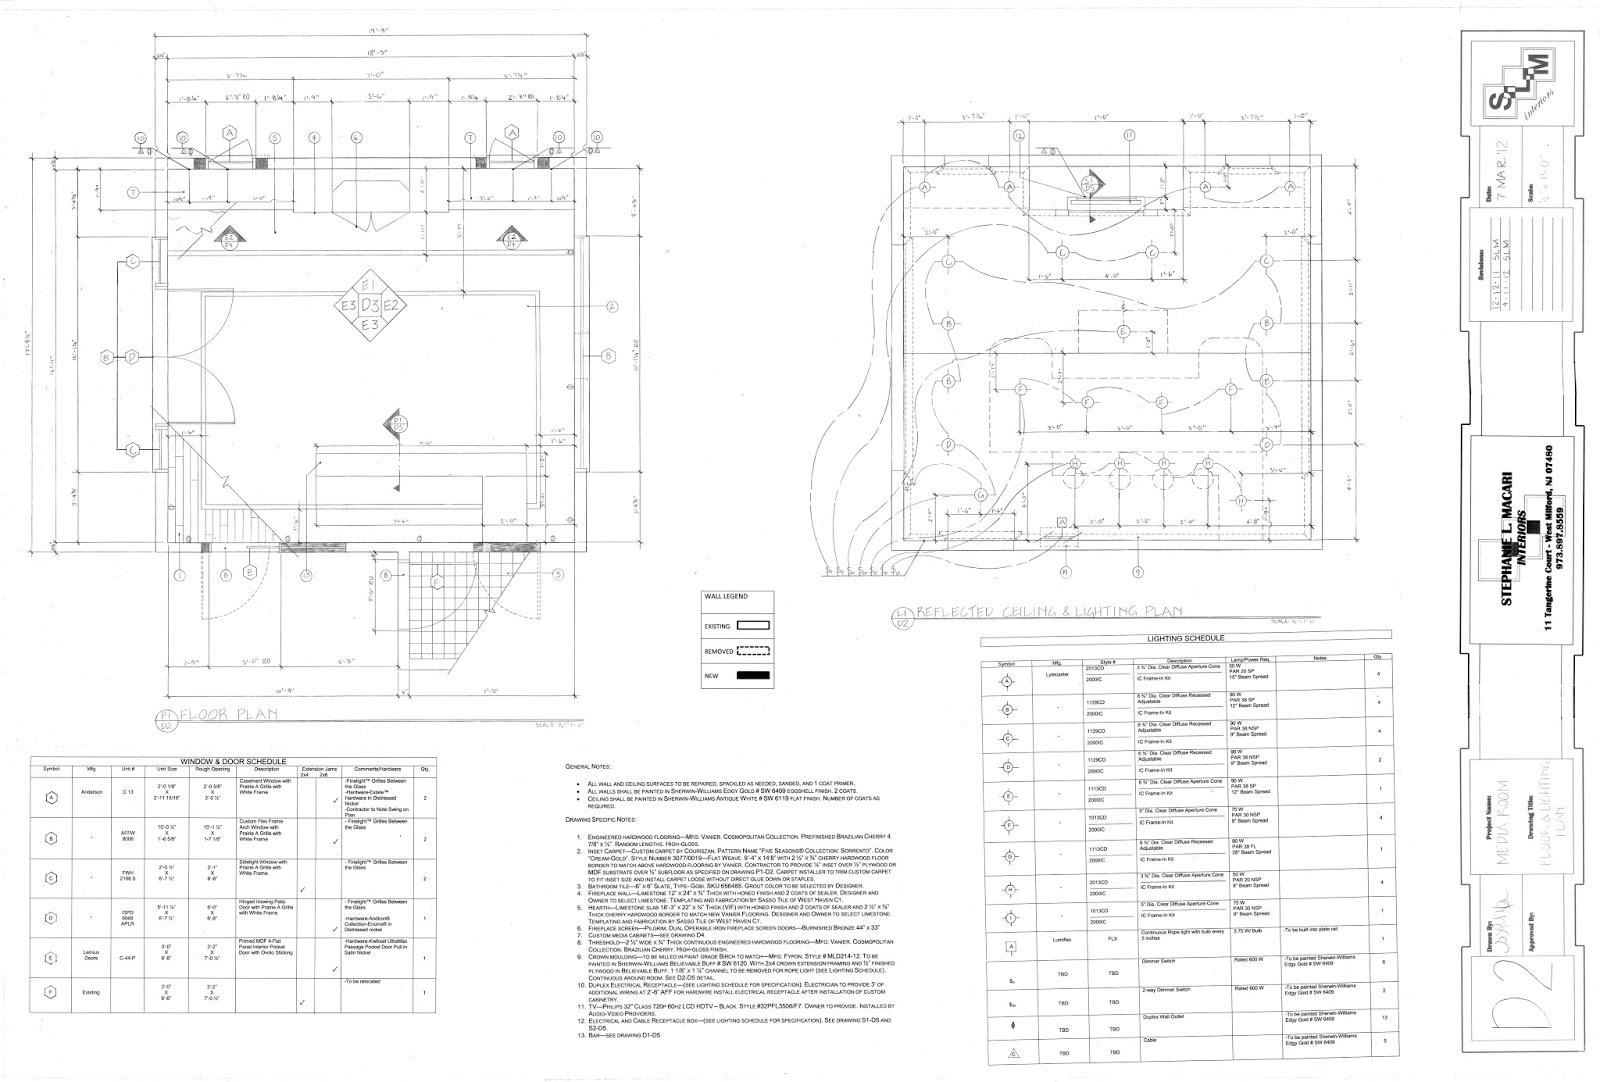 Floorplan, Electrical & Switching Plan